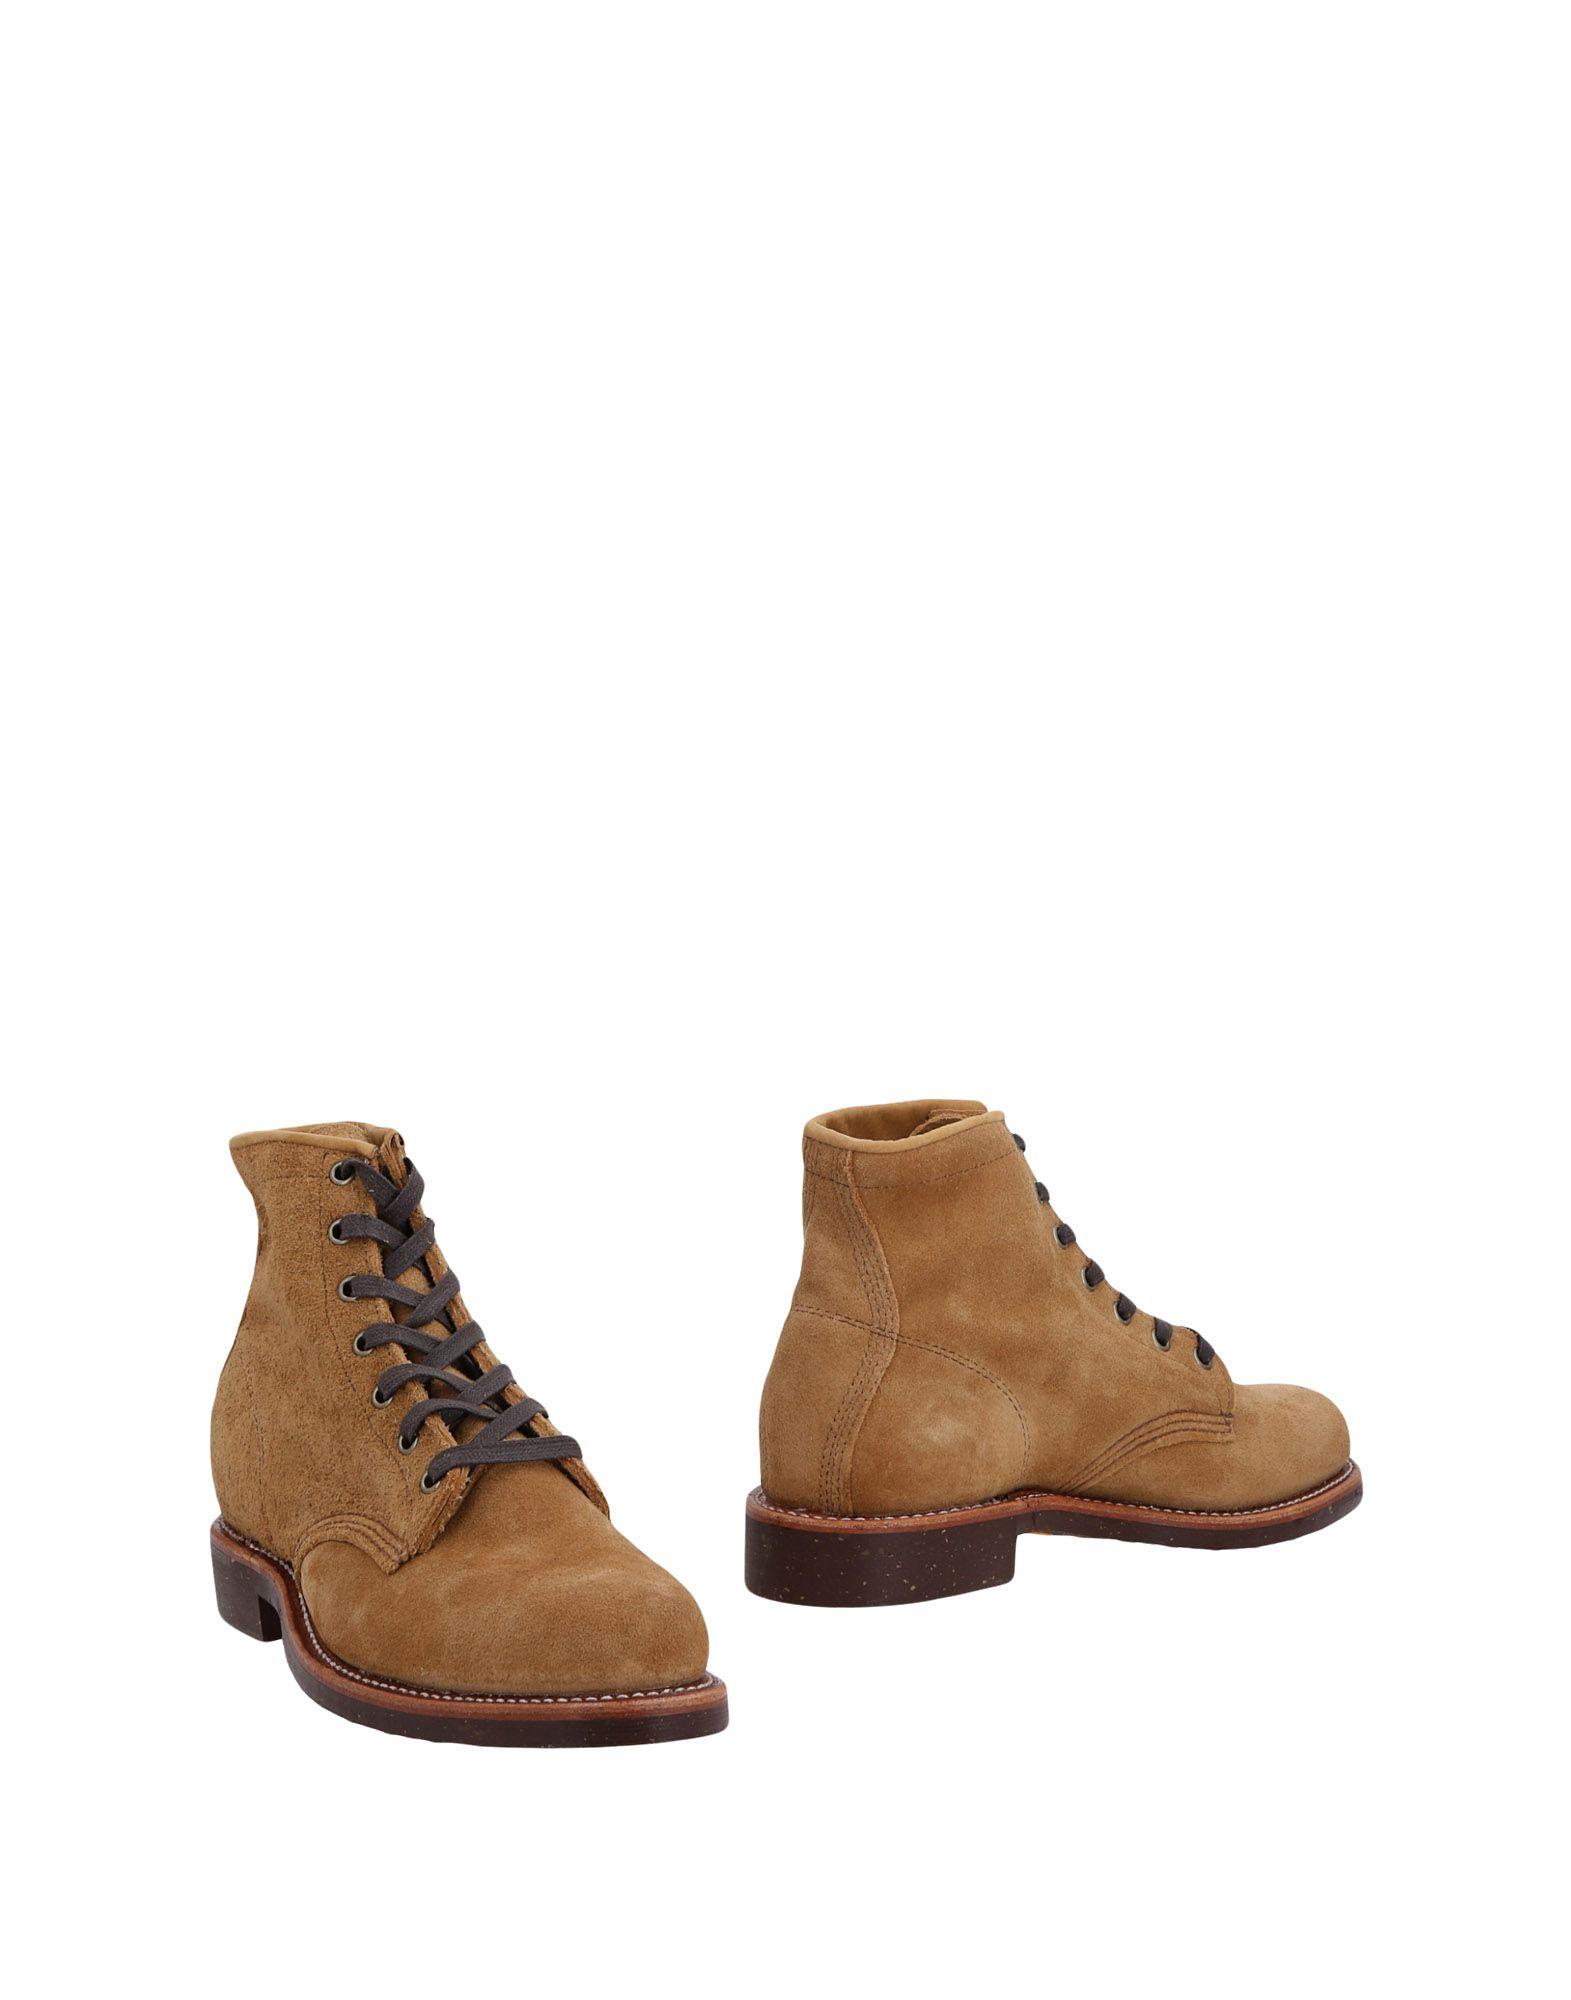 Chippewa Stiefelette Gute Herren  11480148CB Gute Stiefelette Qualität beliebte Schuhe 51d26a